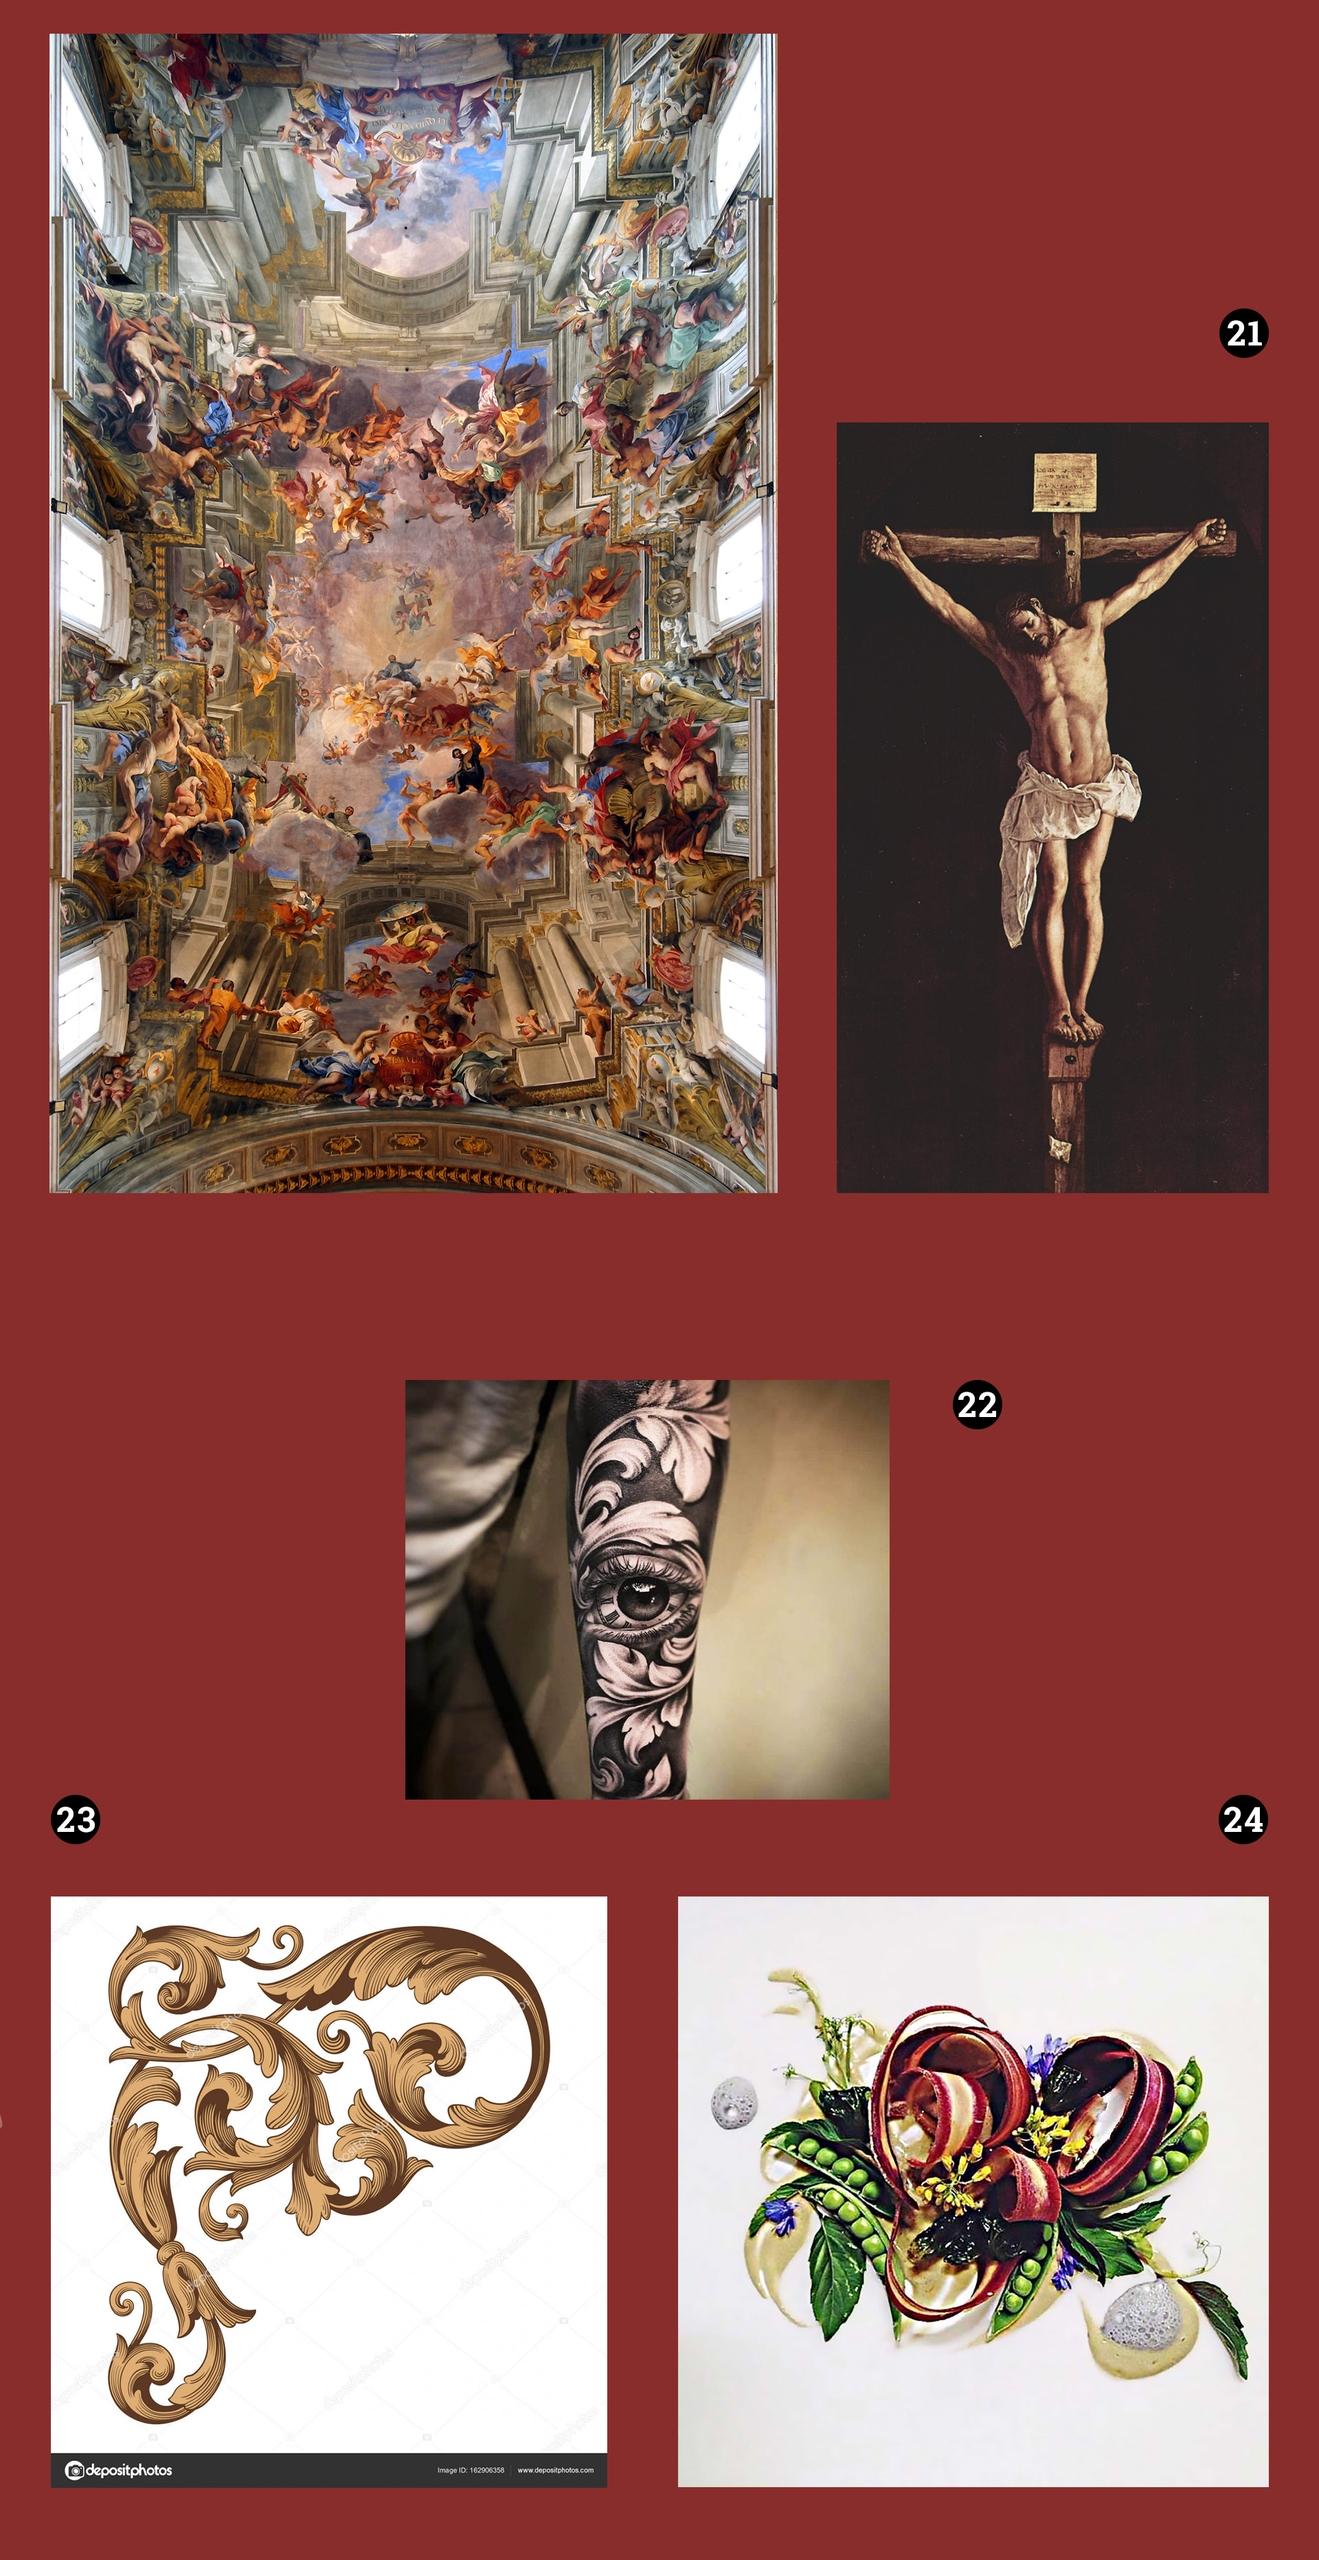 Obraz przedstawia cztery zdjęcia na bordowym tle. Widzimy tatuaż, fresk na sklepieniu świątyni, krucyfiks, geometryczny ornament , oraz kompozycję z fragmentów produktów spożywczych.